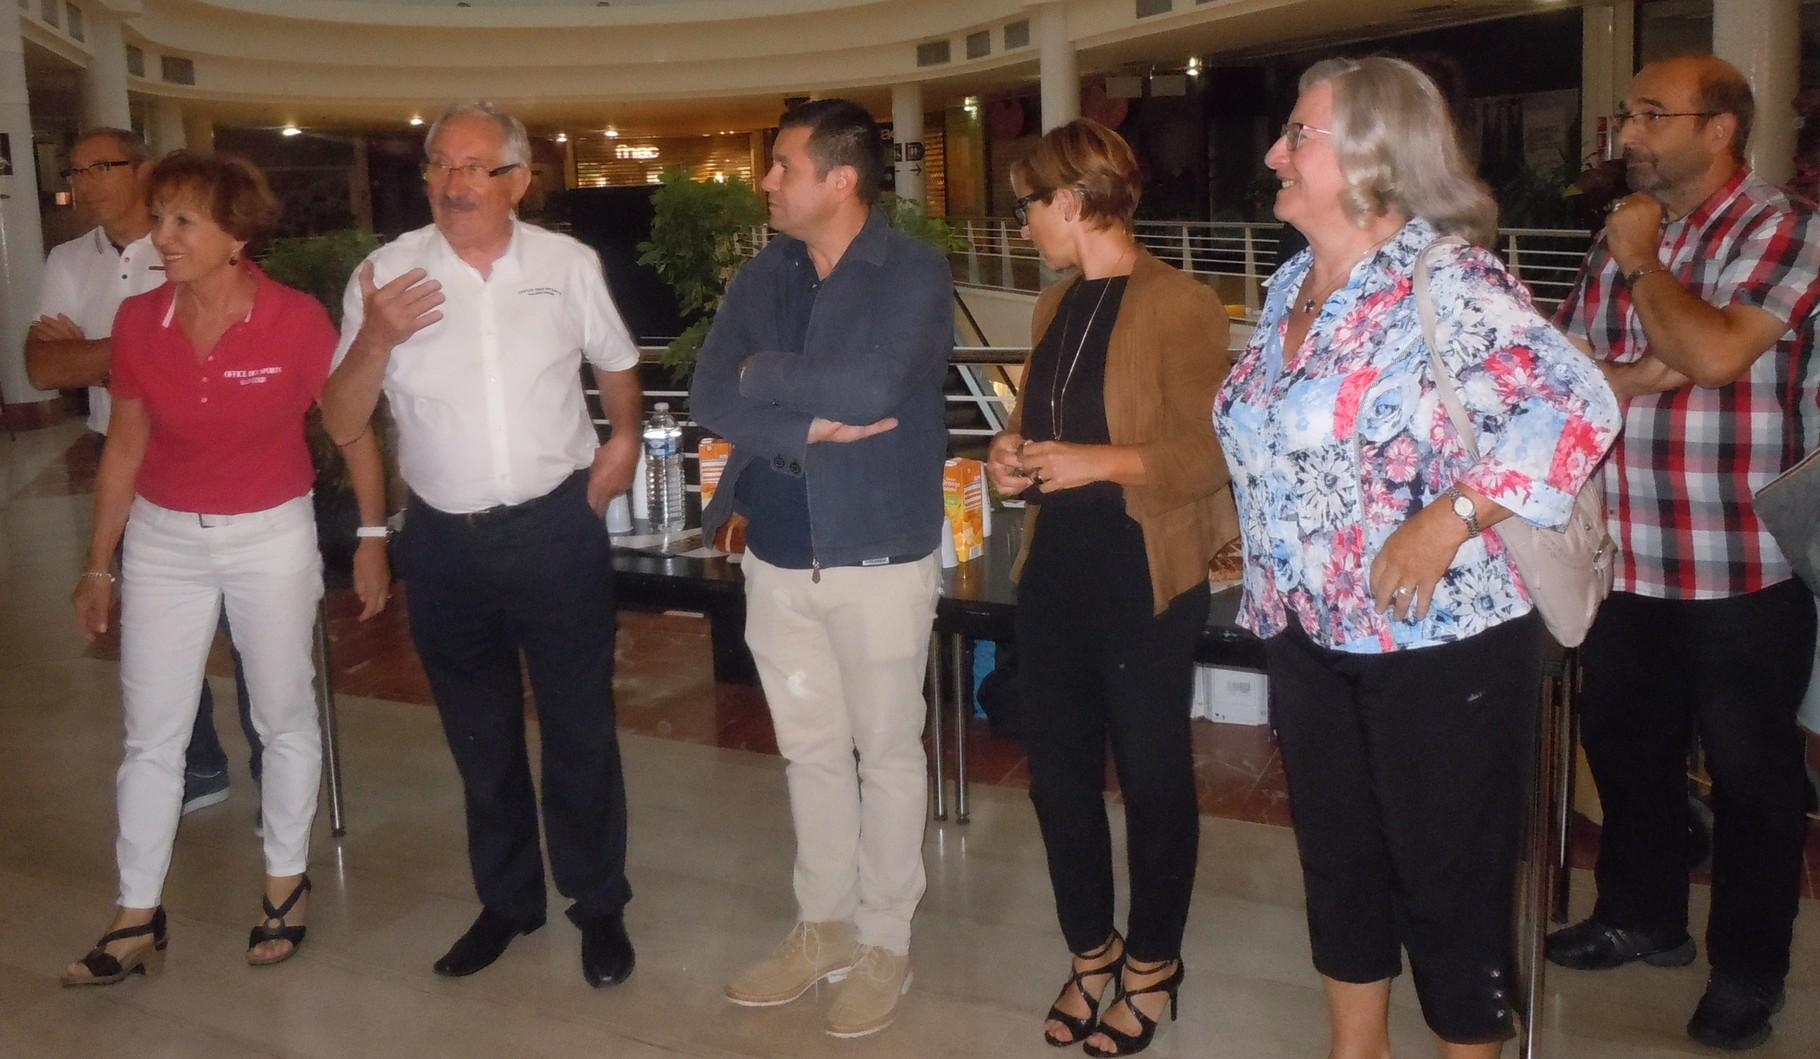 Remerciements de JM ABATTU Président de l'OSValence  Présents sur la photo : M. Michel DORNE,  M. JM ABATTU Mme J. CHAMPELOVIER,  M. Renaud POUTOT,  Mme Habert, Mme Y.SAINT-CLAIR, M. Jean-Didier MAZZUCA